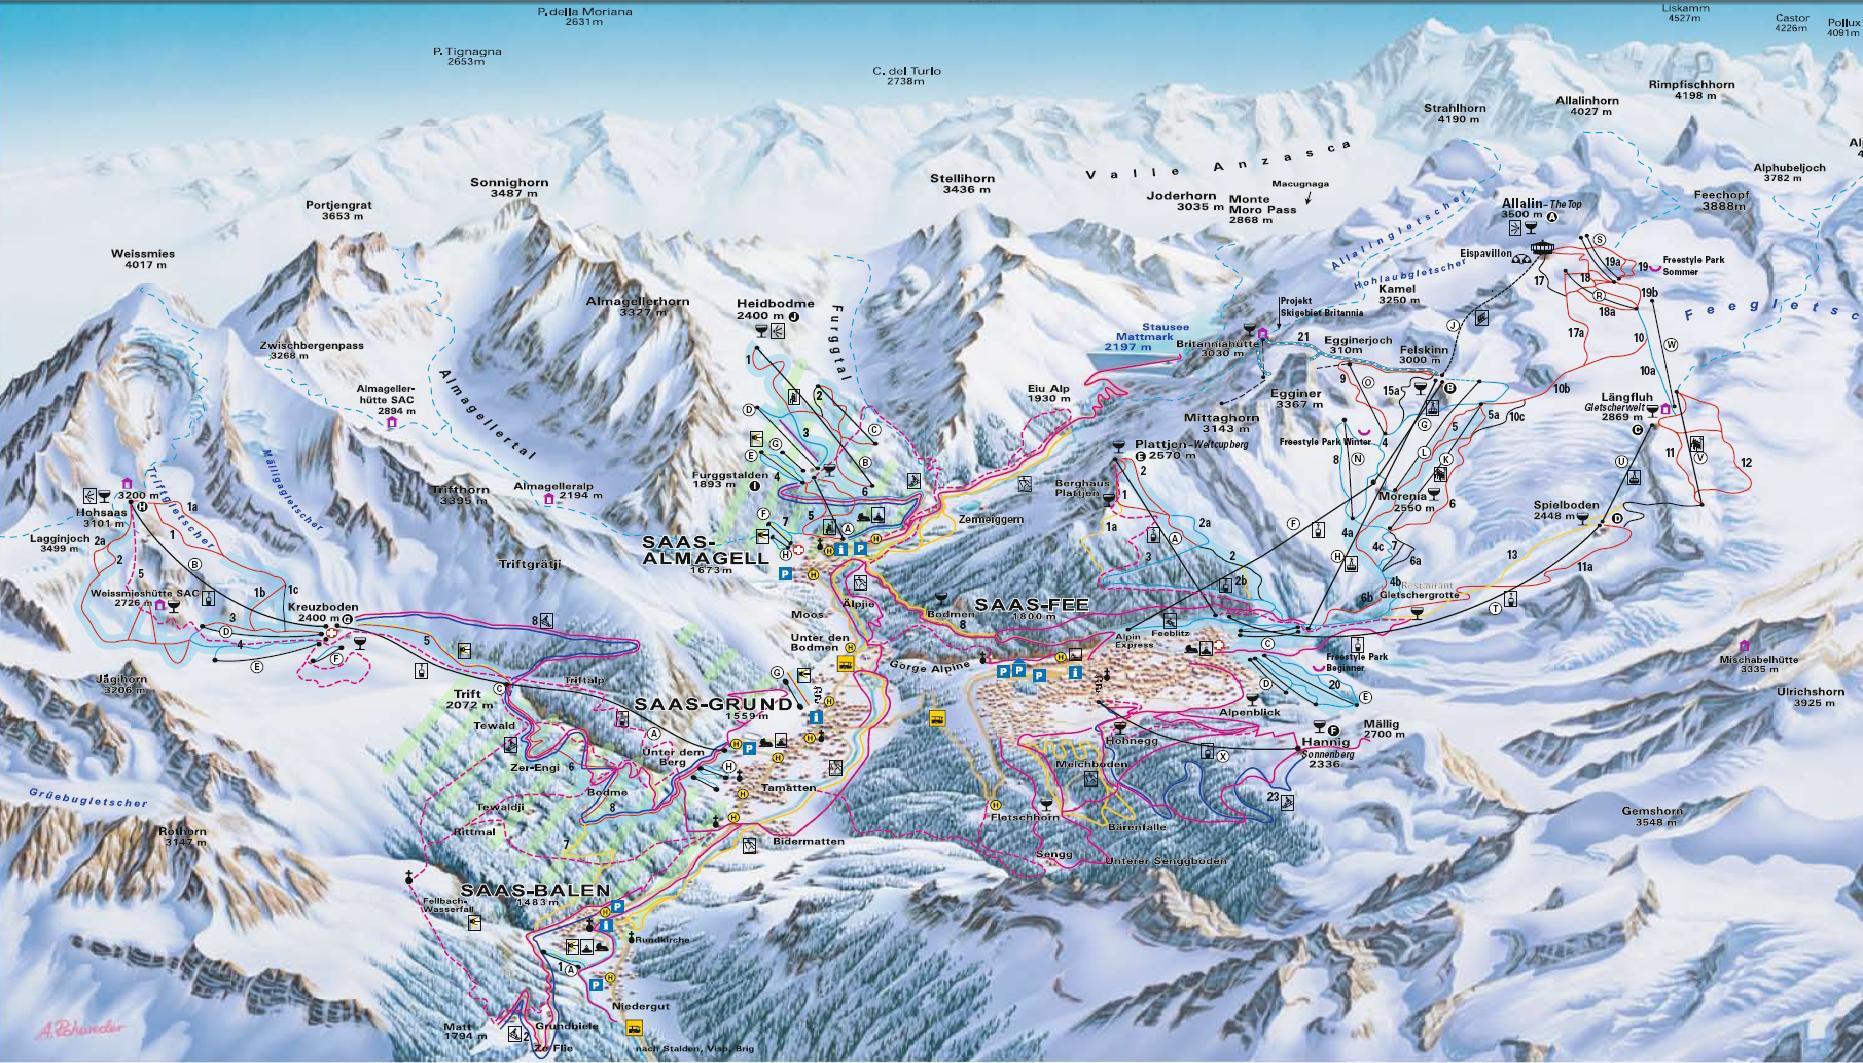 Piste Maps To Monterosa